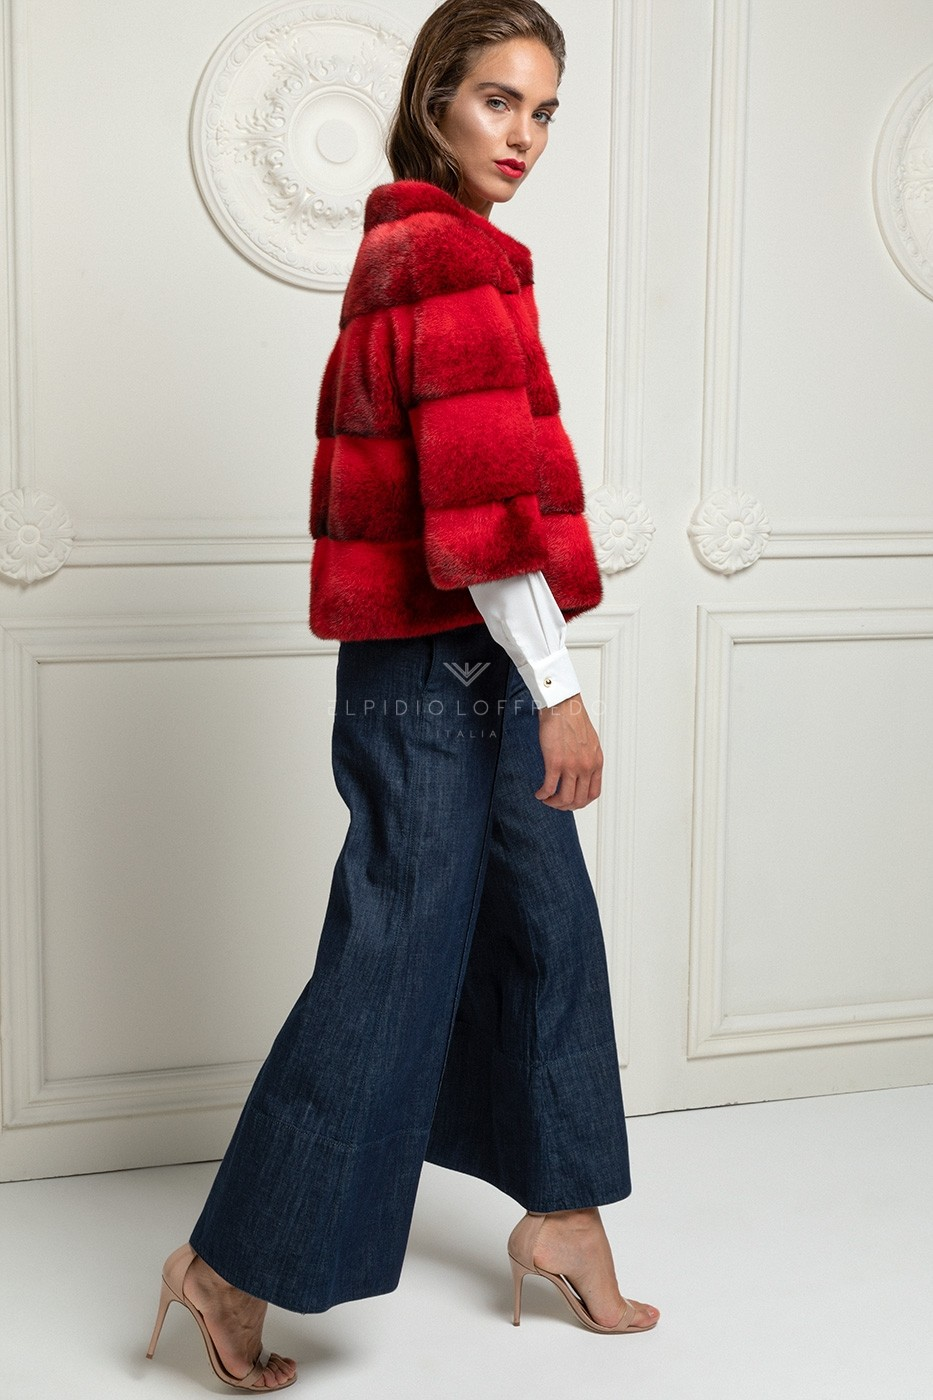 Red Cross Mink Jacket